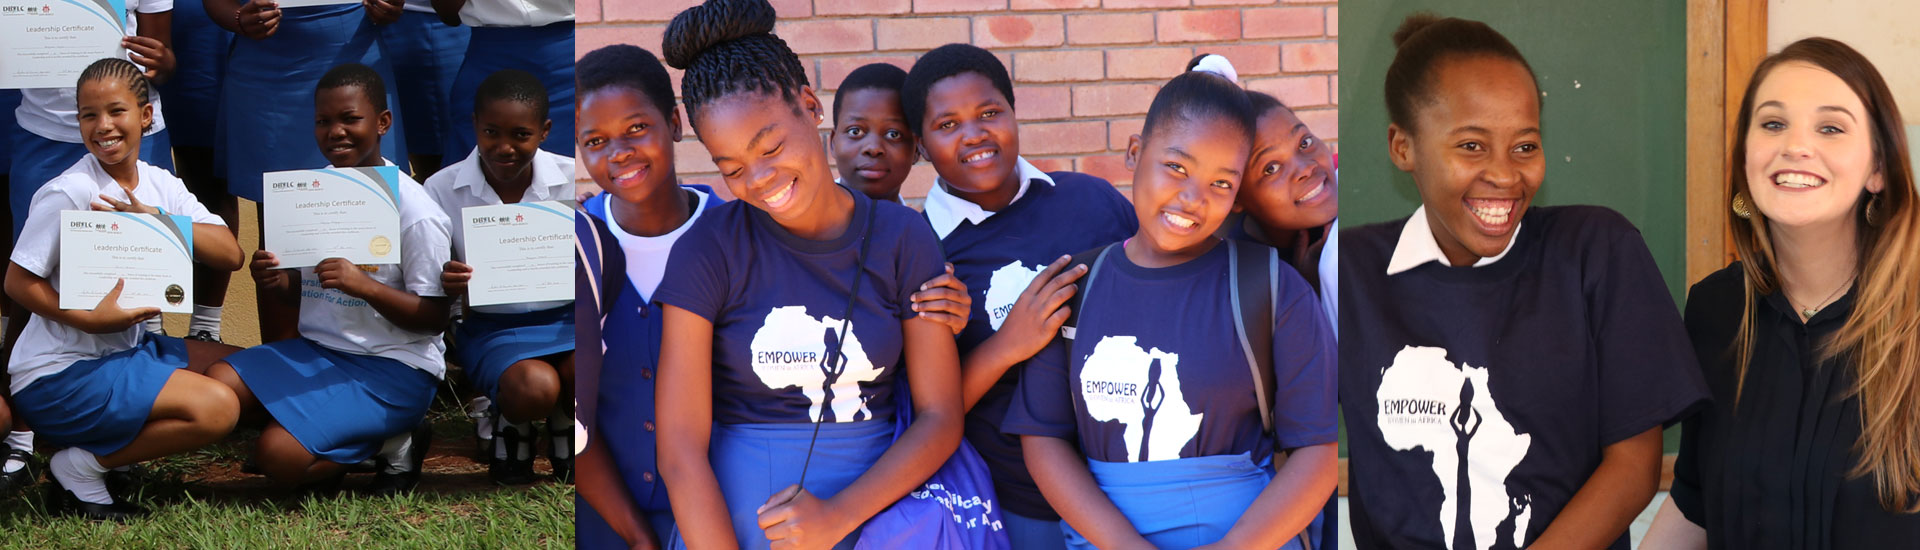 Formación de líderes para el desarrollo de Swazilandia - 2487